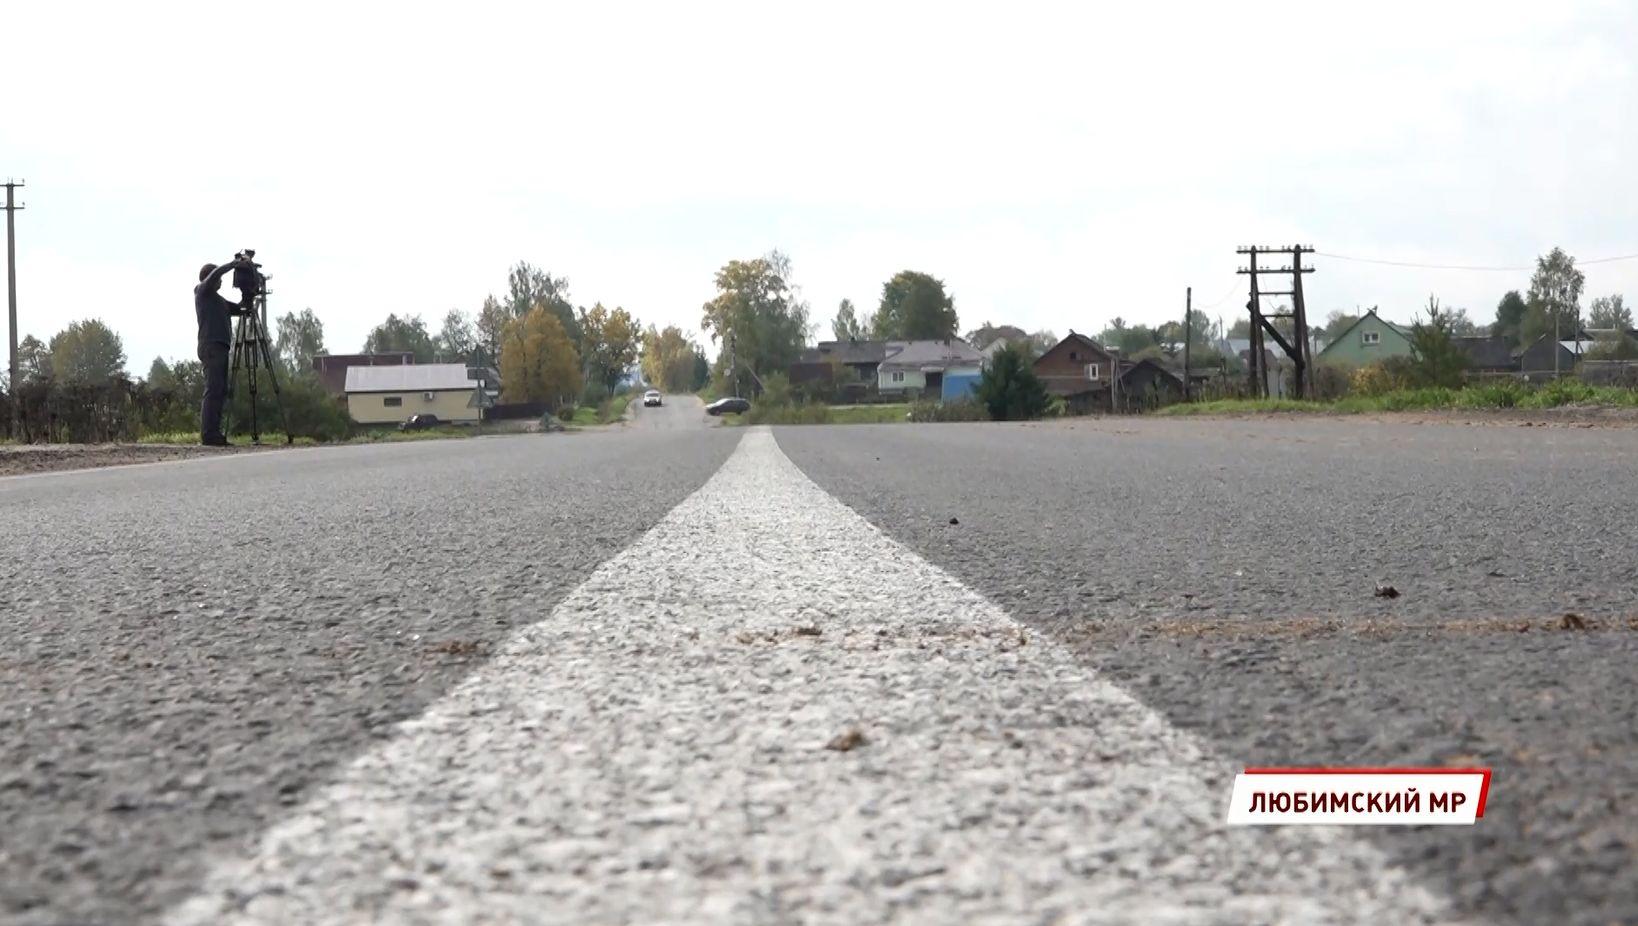 В Любимском районе Ярославской области отремонтировали дорогу Пречистое-Любим-Буй